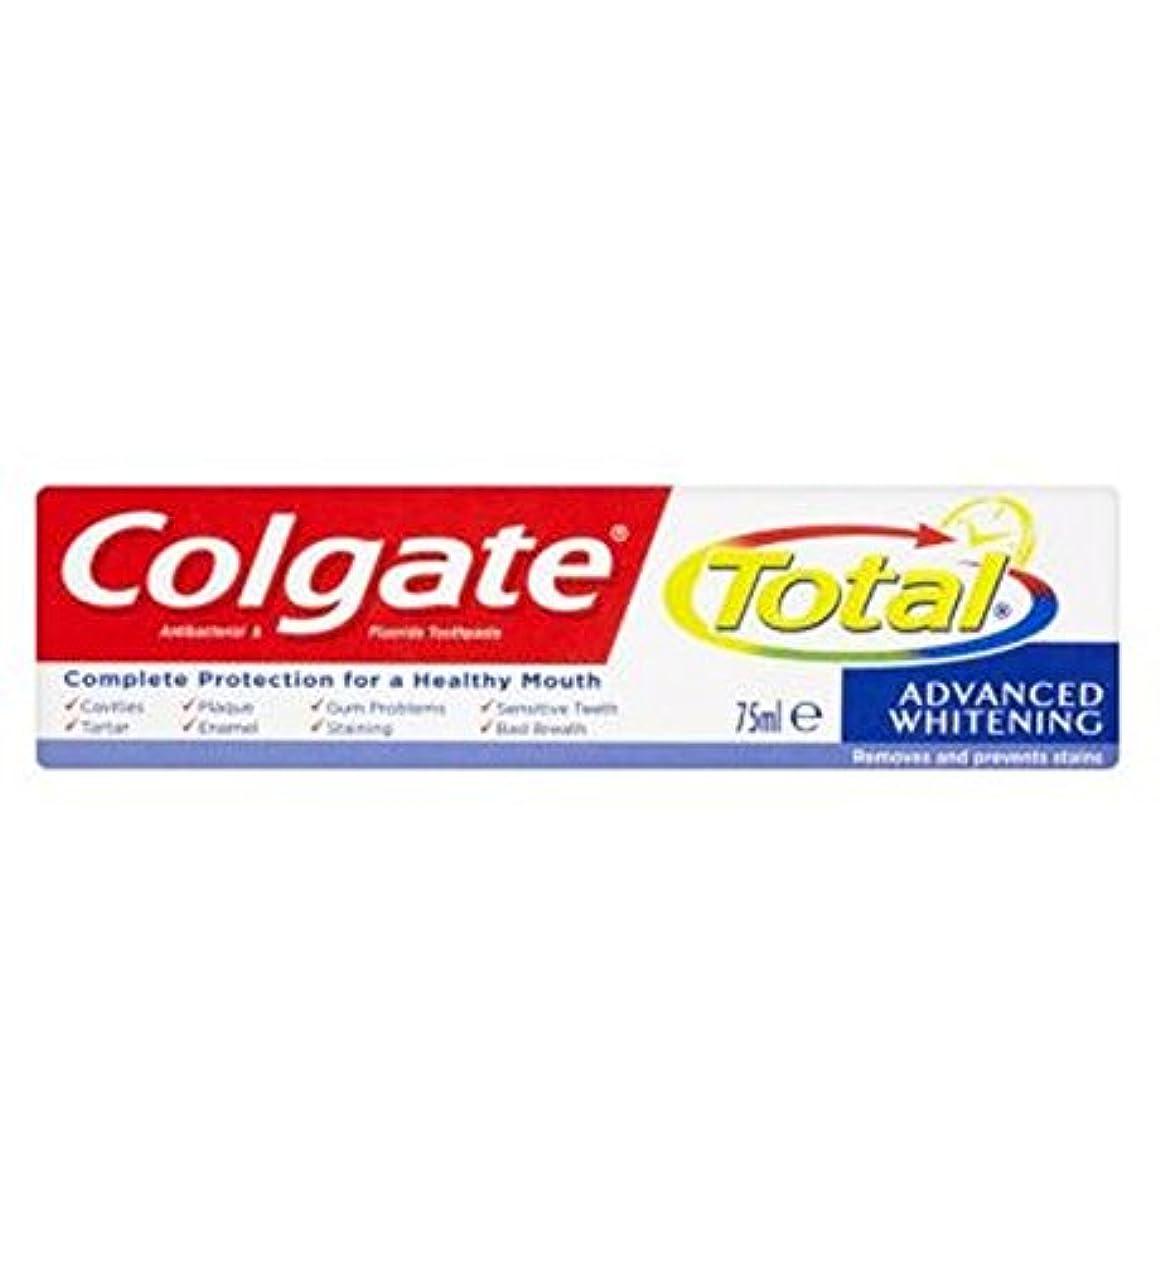 スリル収縮記念日Colgate Total Advanced Whitening toothpaste 75ml - コルゲートトータル高度なホワイトニング歯磨き粉75ミリリットル (Colgate) [並行輸入品]